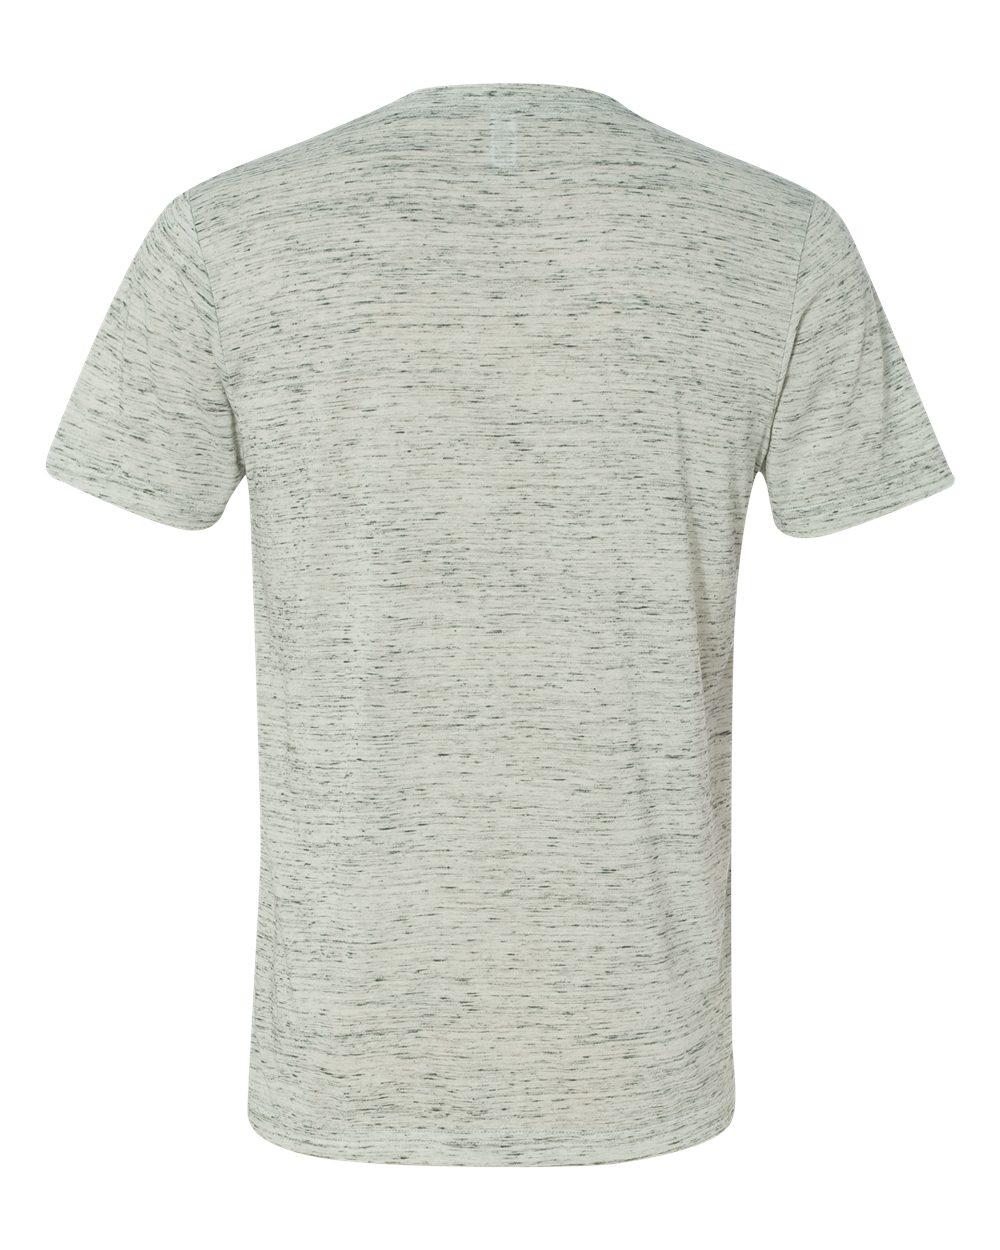 Bella-Canvas-Men-039-s-Jersey-Short-Sleeve-V-Neck-T-Shirt-3005-XS-3XL thumbnail 31